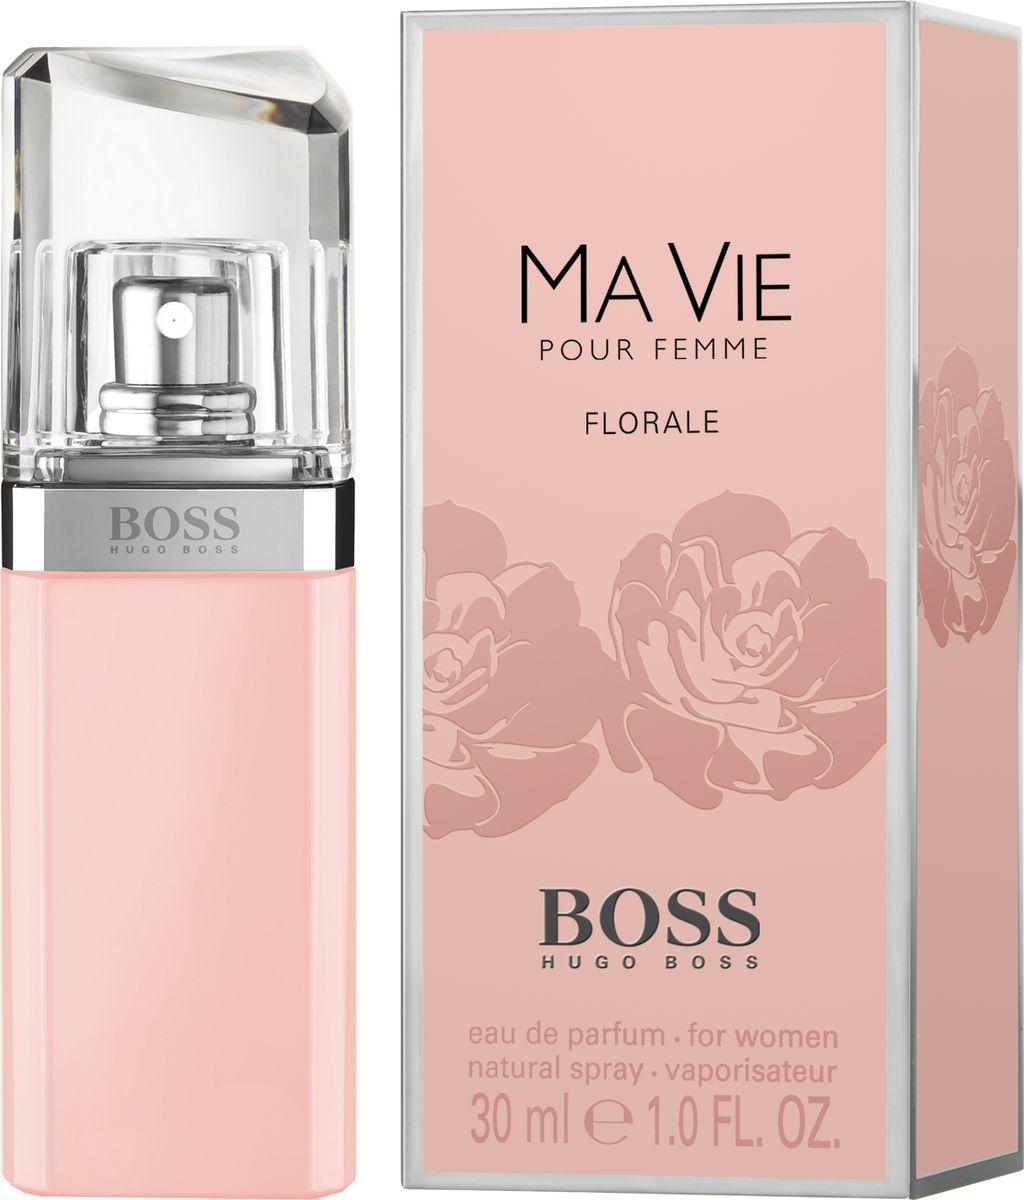 Hugo Boss Ma Vie Florale - Парфюмерная вода женская 30 мл8005610276236Женственный цветочный аромат BOSS MA VIE FLORALE от BOSS Parfums «расцветает» в успешной линейке BOSS MA VIE. Композиция раскрывается аккордом цветущего кактуса, который подчеркивает внутреннюю силу женщины и ее независимый характер. Элегантность и естественность композиции придают сердечные ноты: жасмин самбак и абсолют розы. Нежный аккорд розовой фрезии и лепестков жасмина переплетается с нотой бутонов розы, тем самым создавая аромат свежего букета цветов. Яркое и гармоничное сочетание этих цветочных ингредиентов вдохновляют обладательницу аромата сделать паузу и насладиться мгновением.